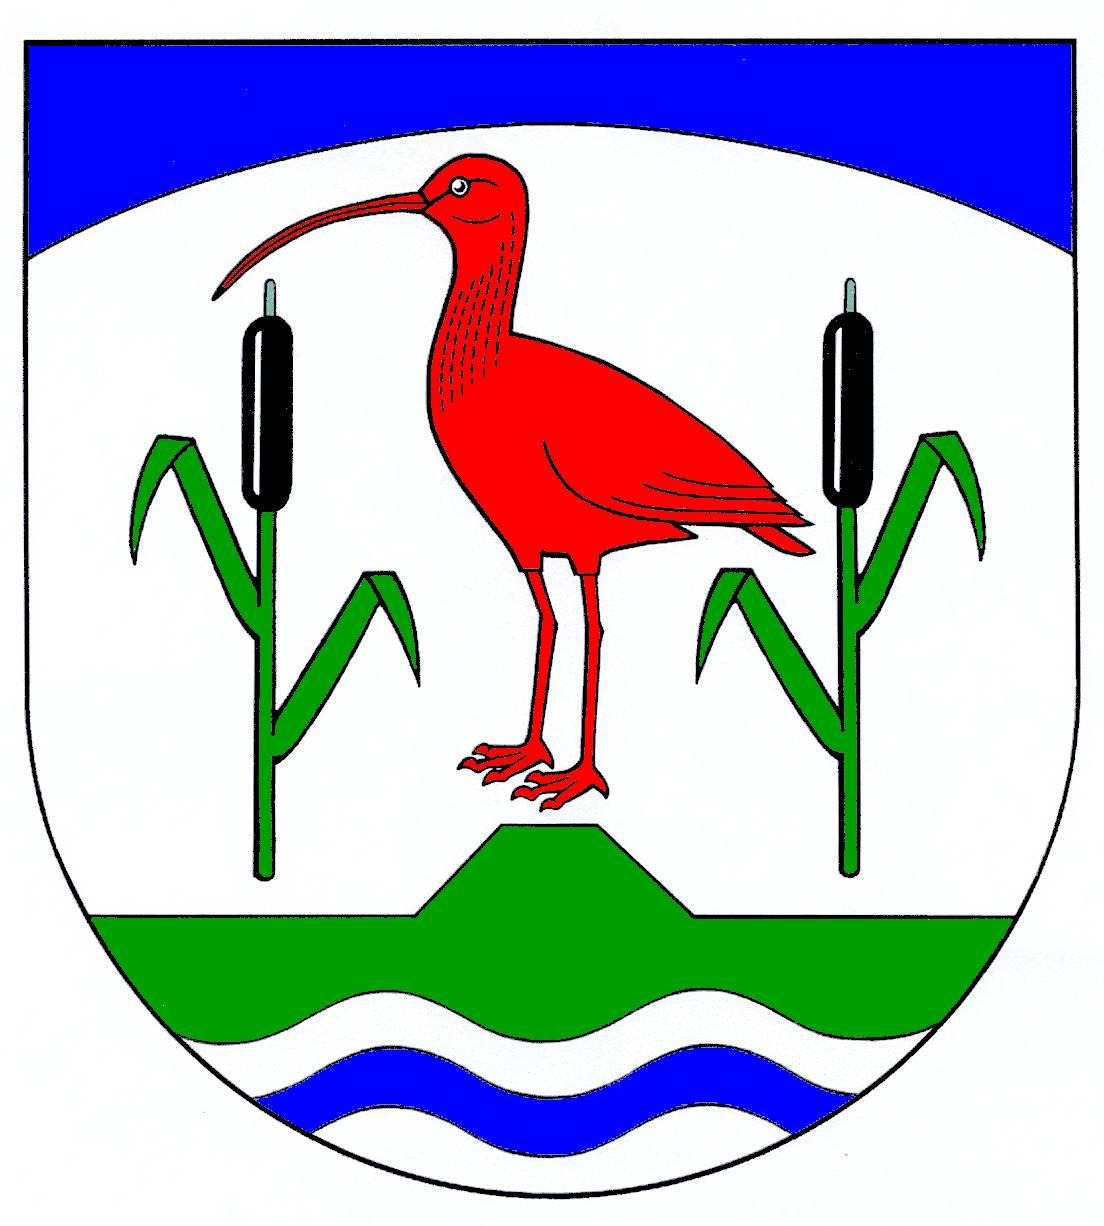 Wappen GemeindeMoordiek, Kreis Steinburg